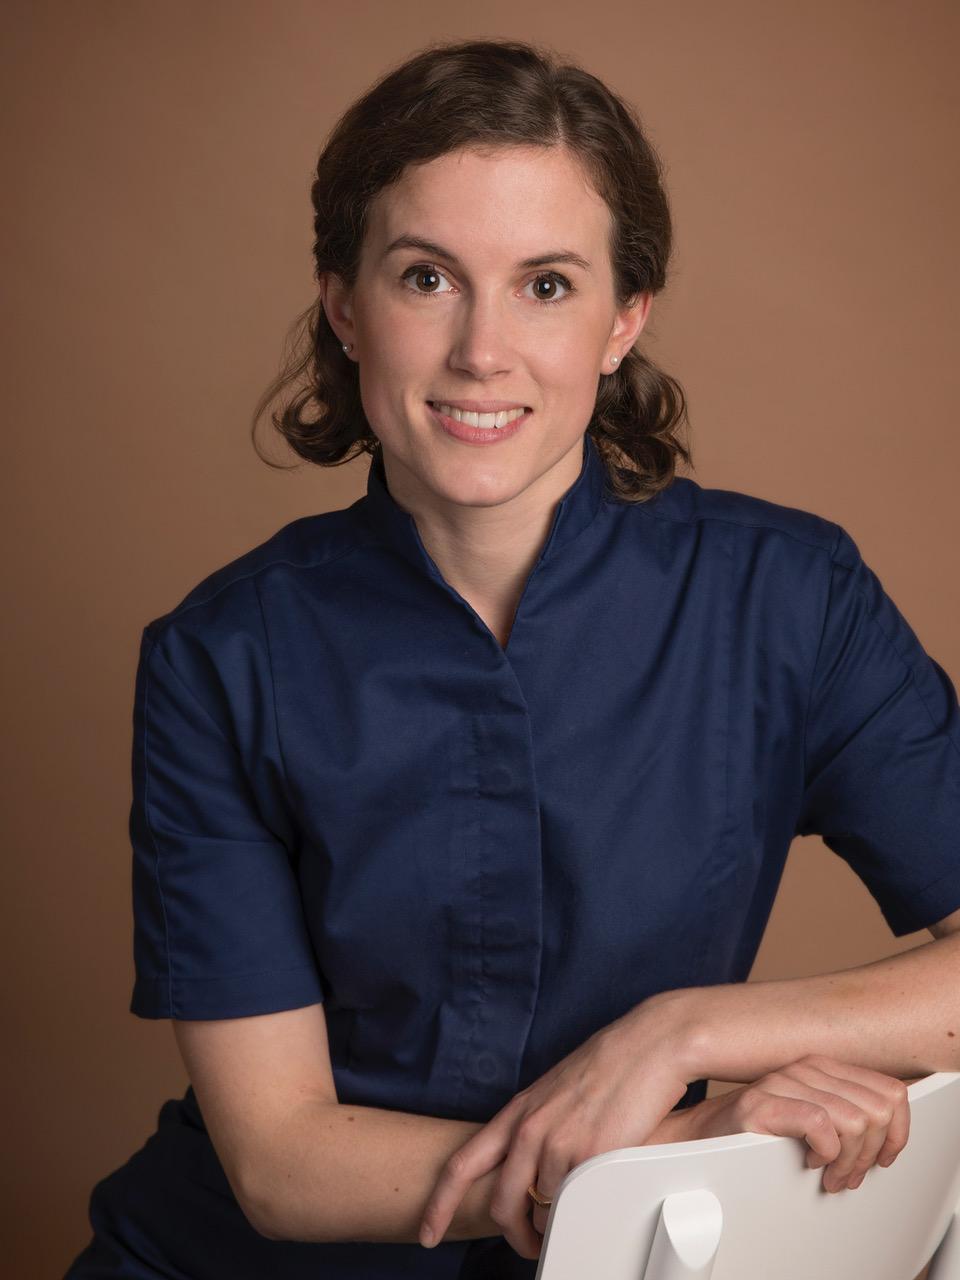 Holly Elliott